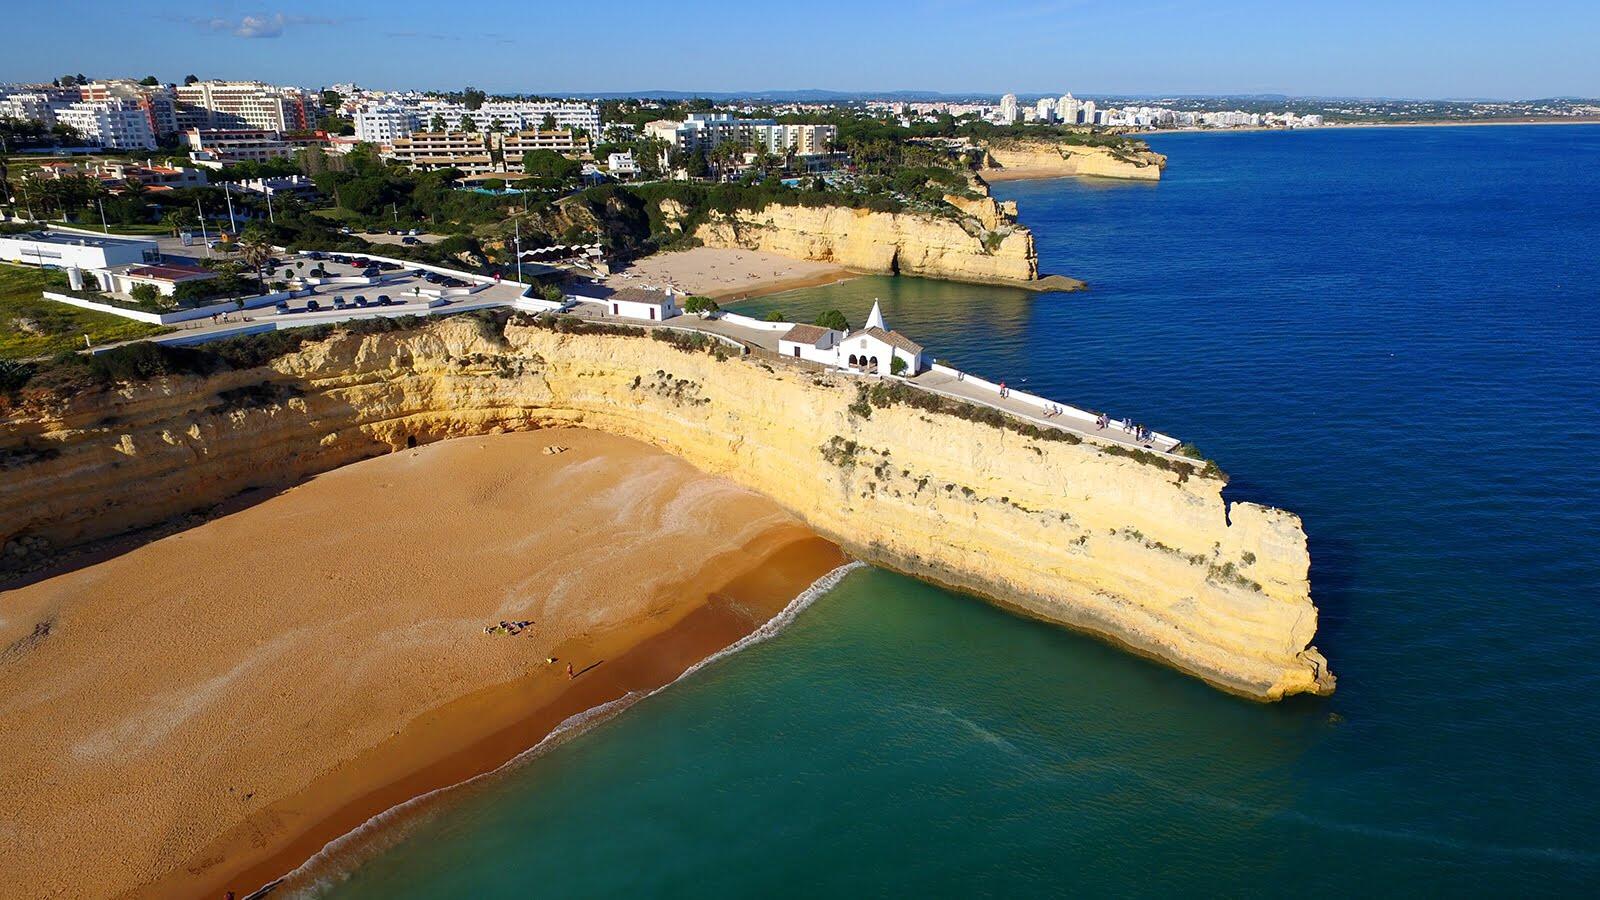 praia-da-senhora-da-rocha-melhores-praias-secretas-do-algarve